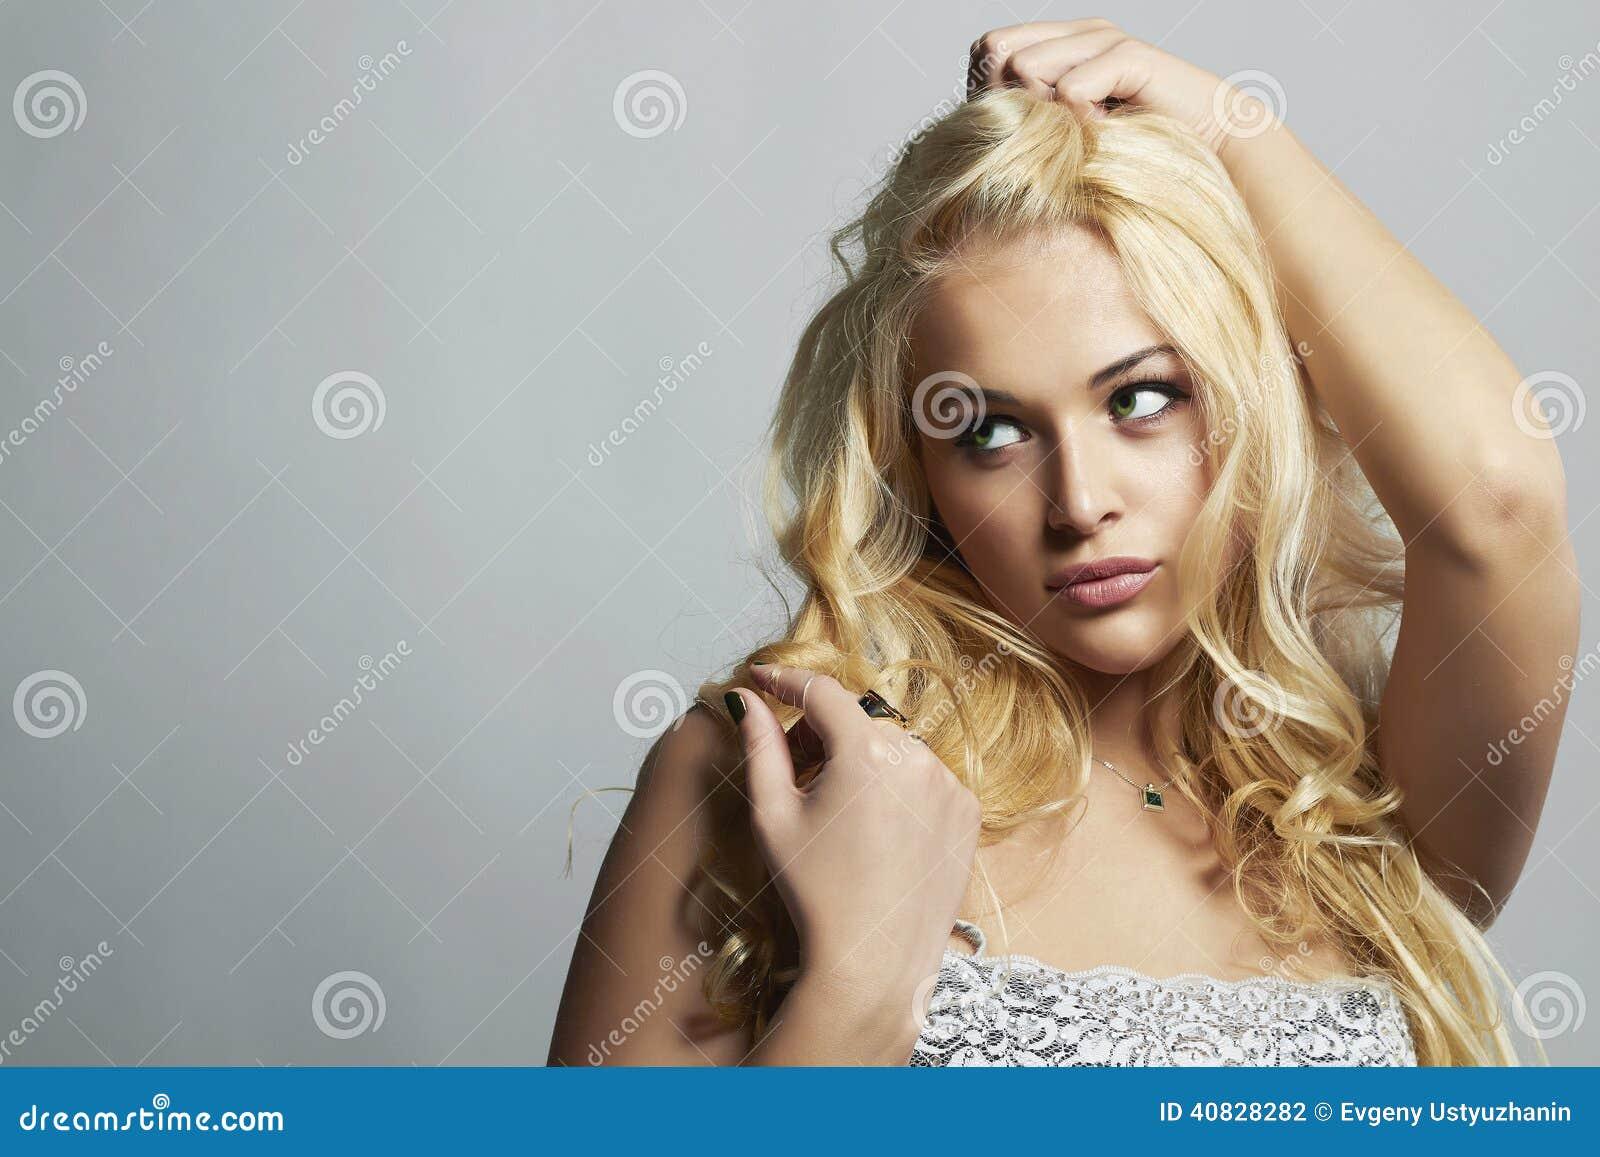 εικόνα του σέξι γυμνό κορίτσι Χάρι Πότερ πορνό κόμικ